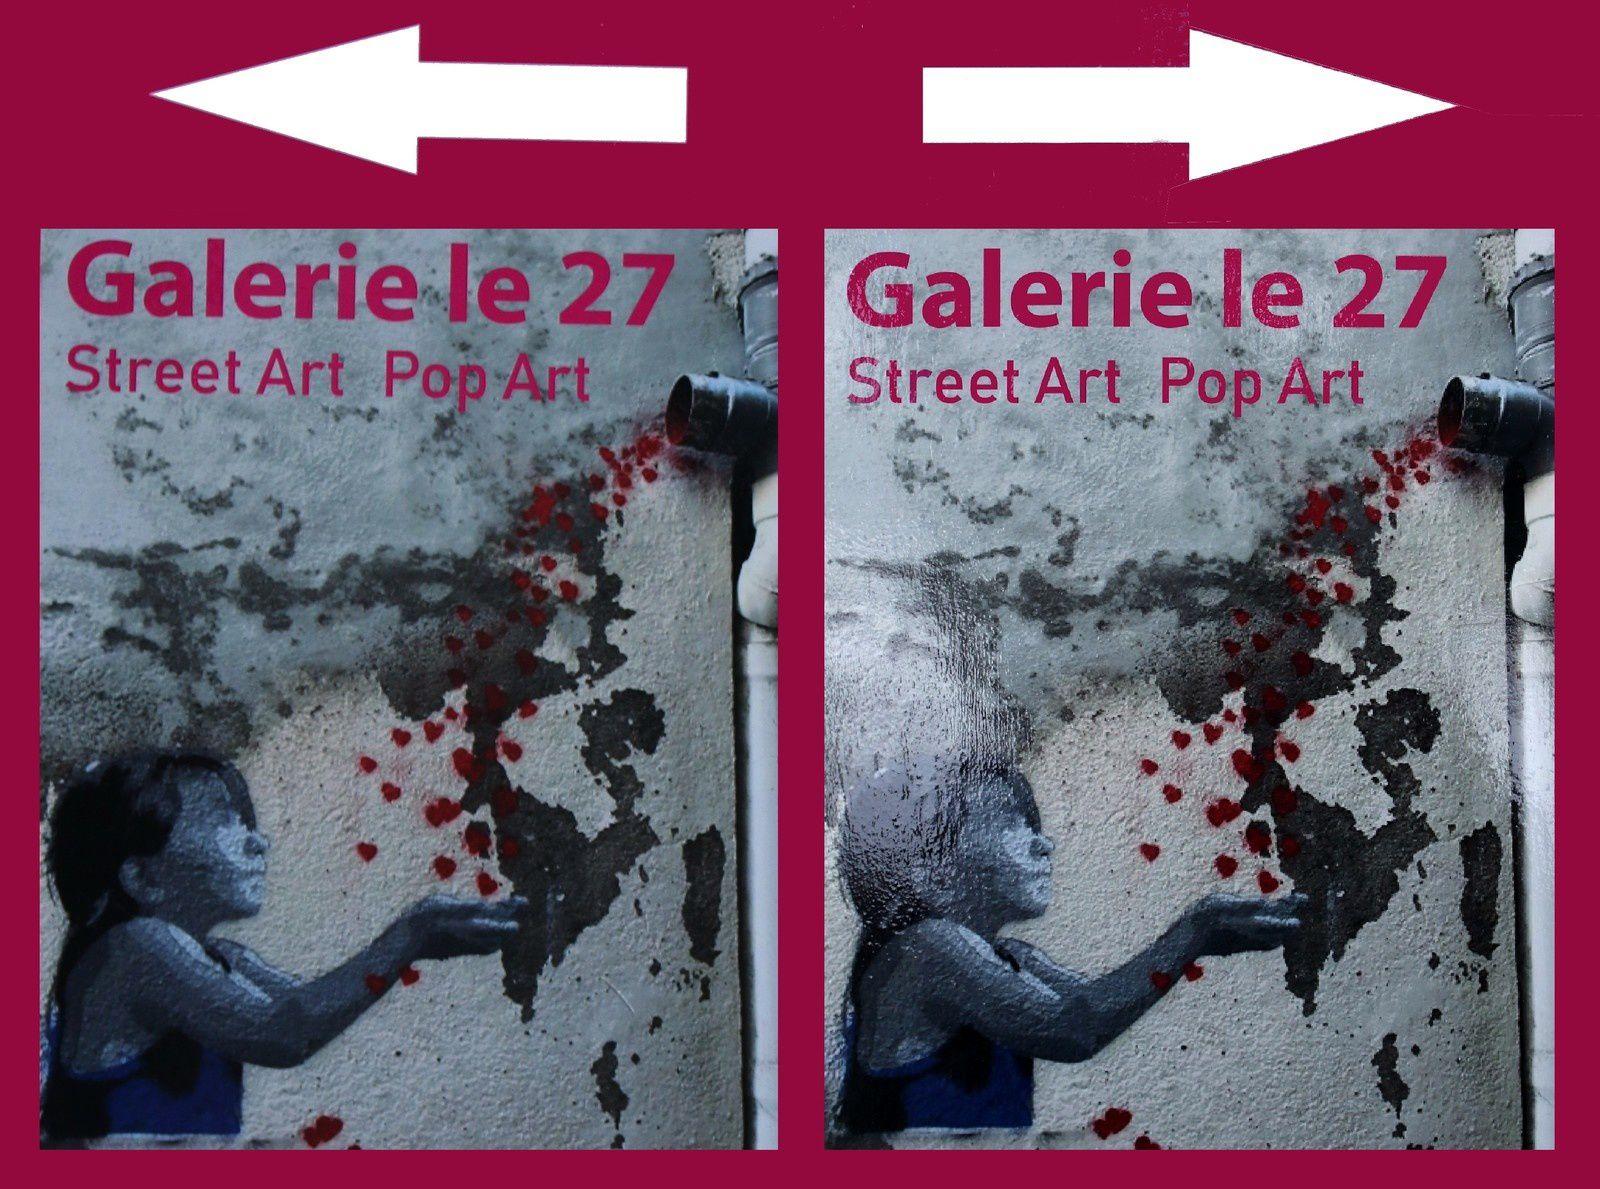 CÉRET, UNE NOUVELLE GALERIE D'ART